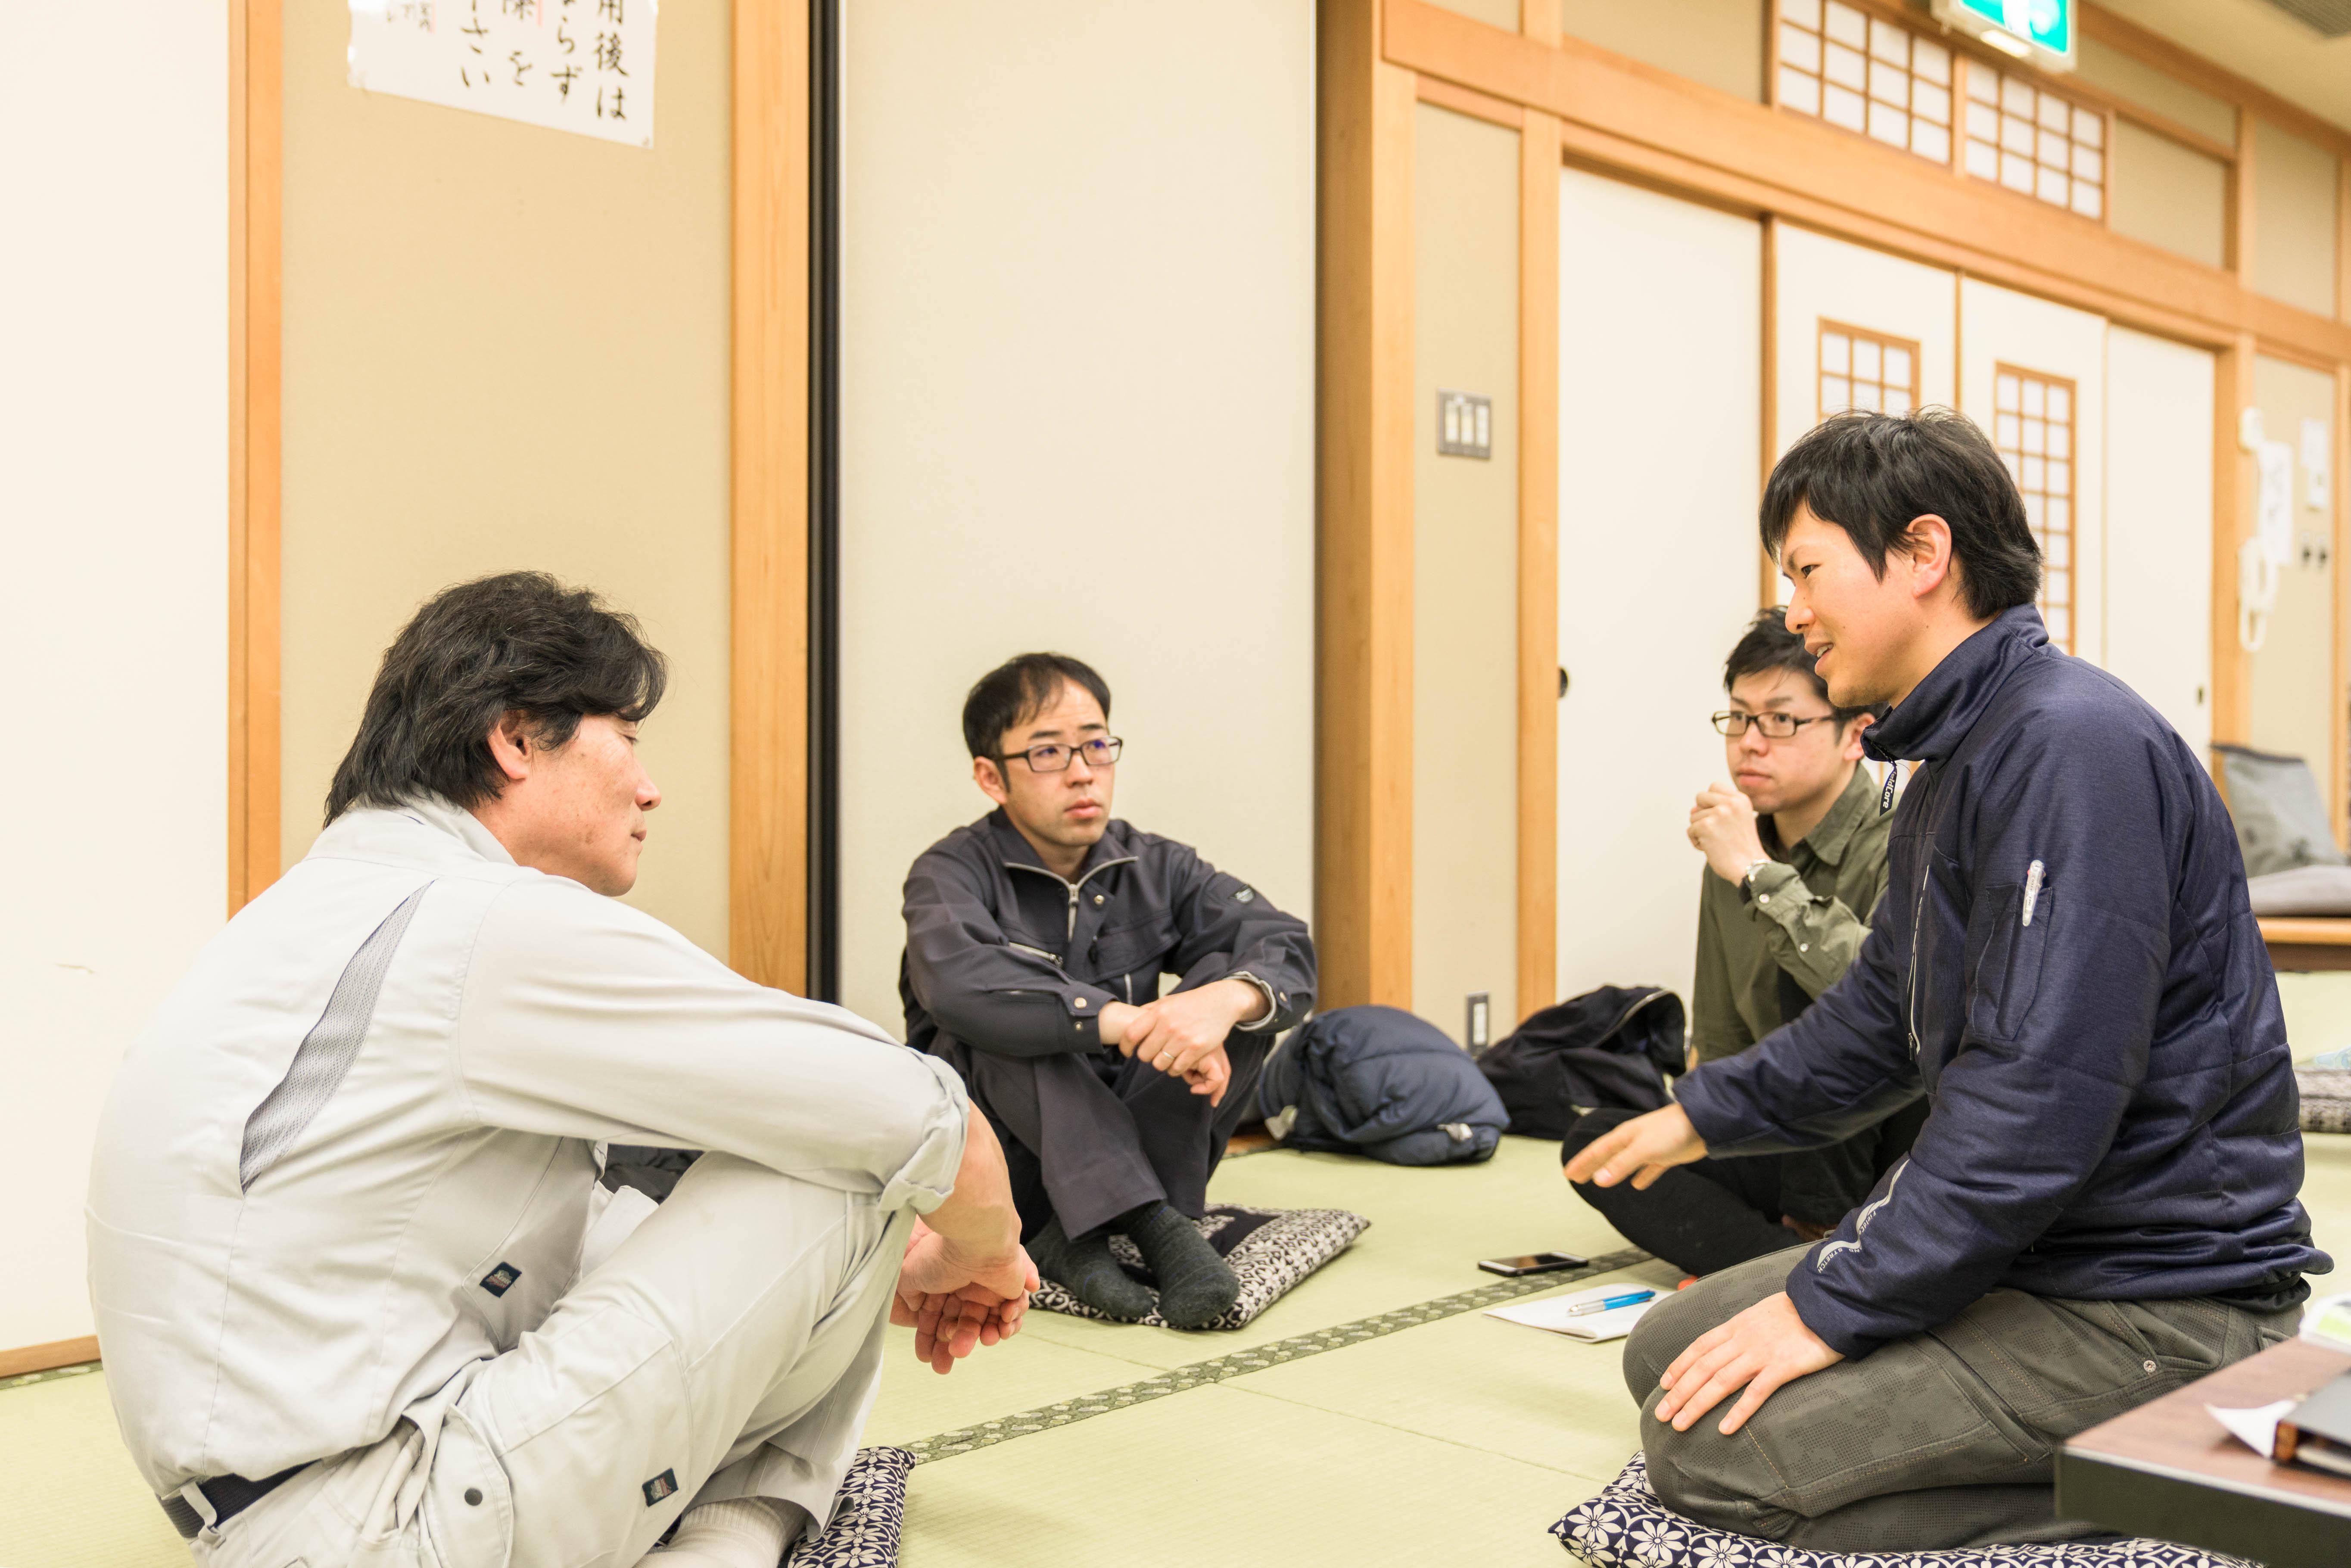 今村さん(写真左)と大久保さん(写真中央)に細かい質問も飛び交う。